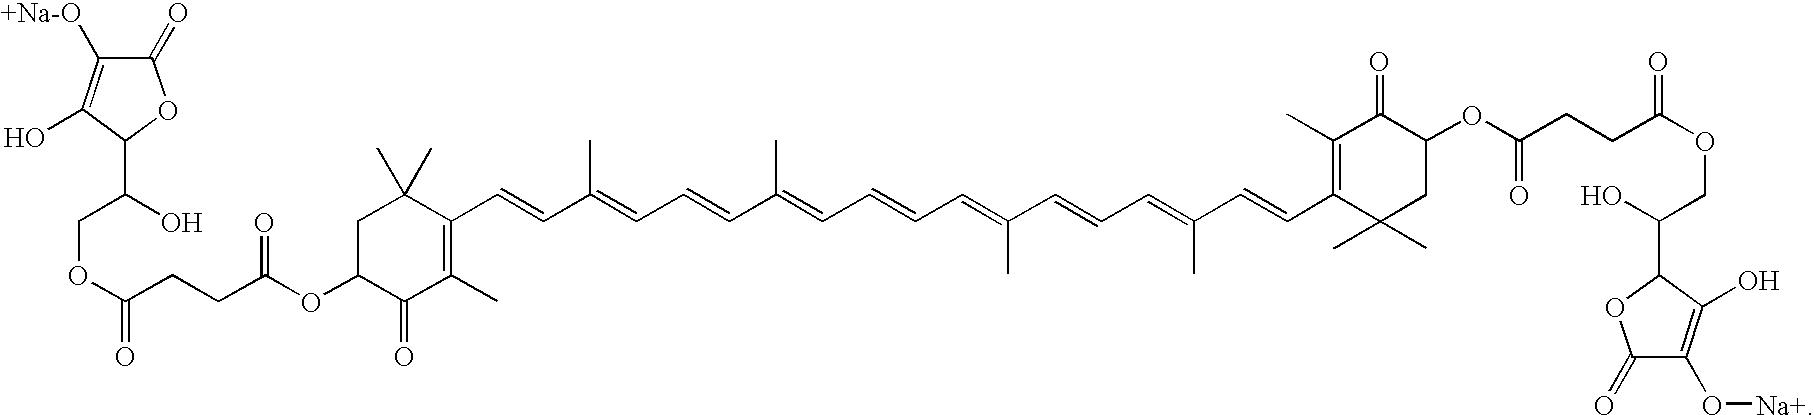 Figure US20050075337A1-20050407-C00110